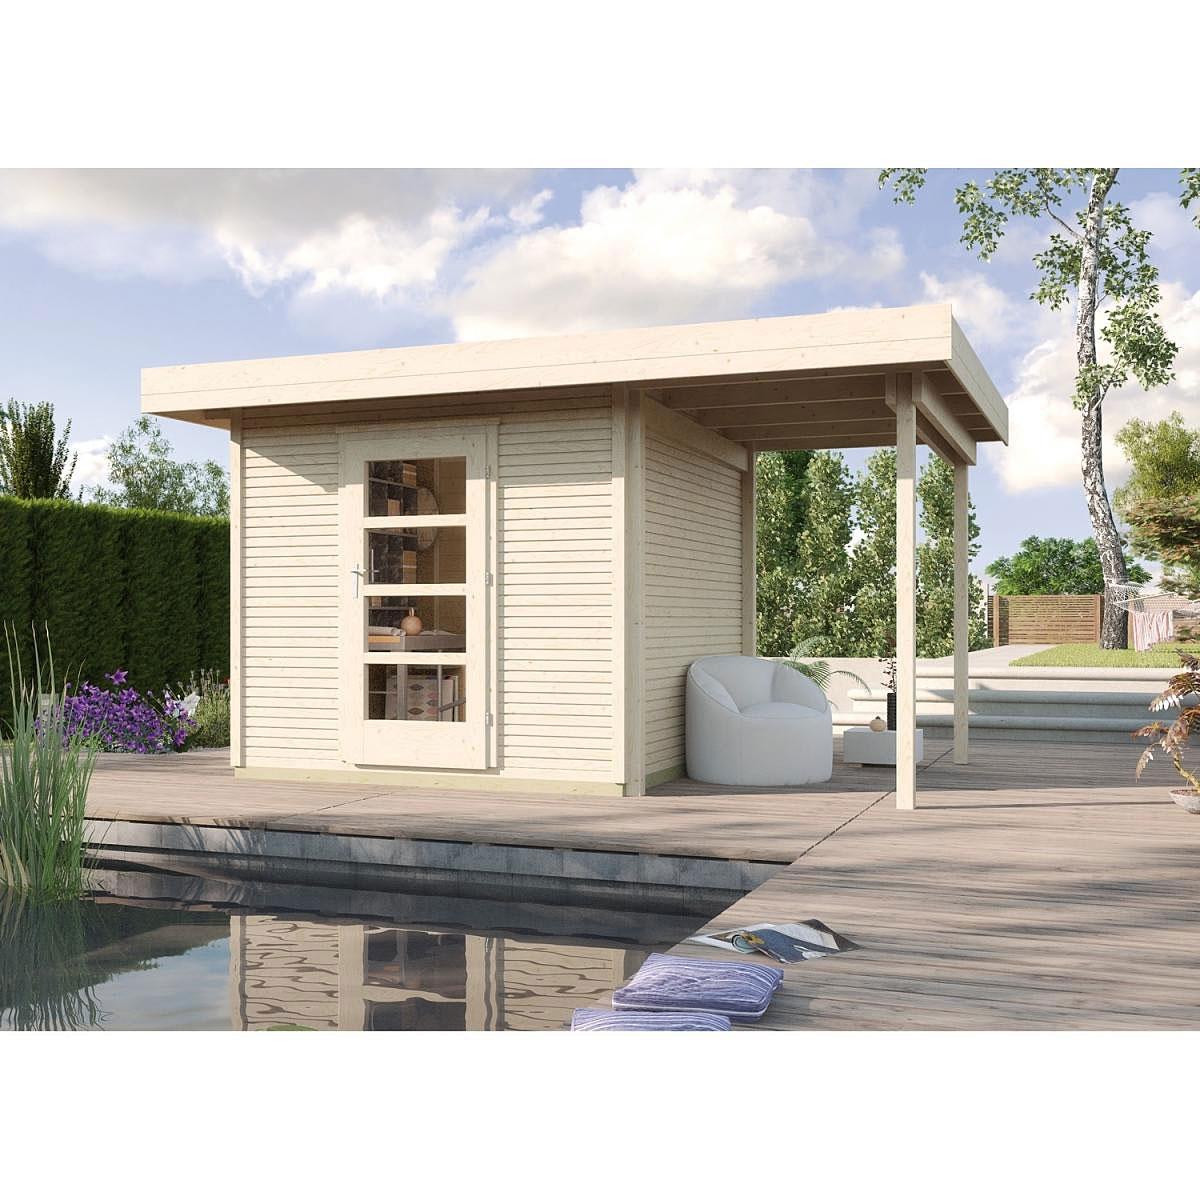 Weka Holz-Gartenhaus wekaLine Natur 240 cm x 235 cm mit Anbau 150 cm